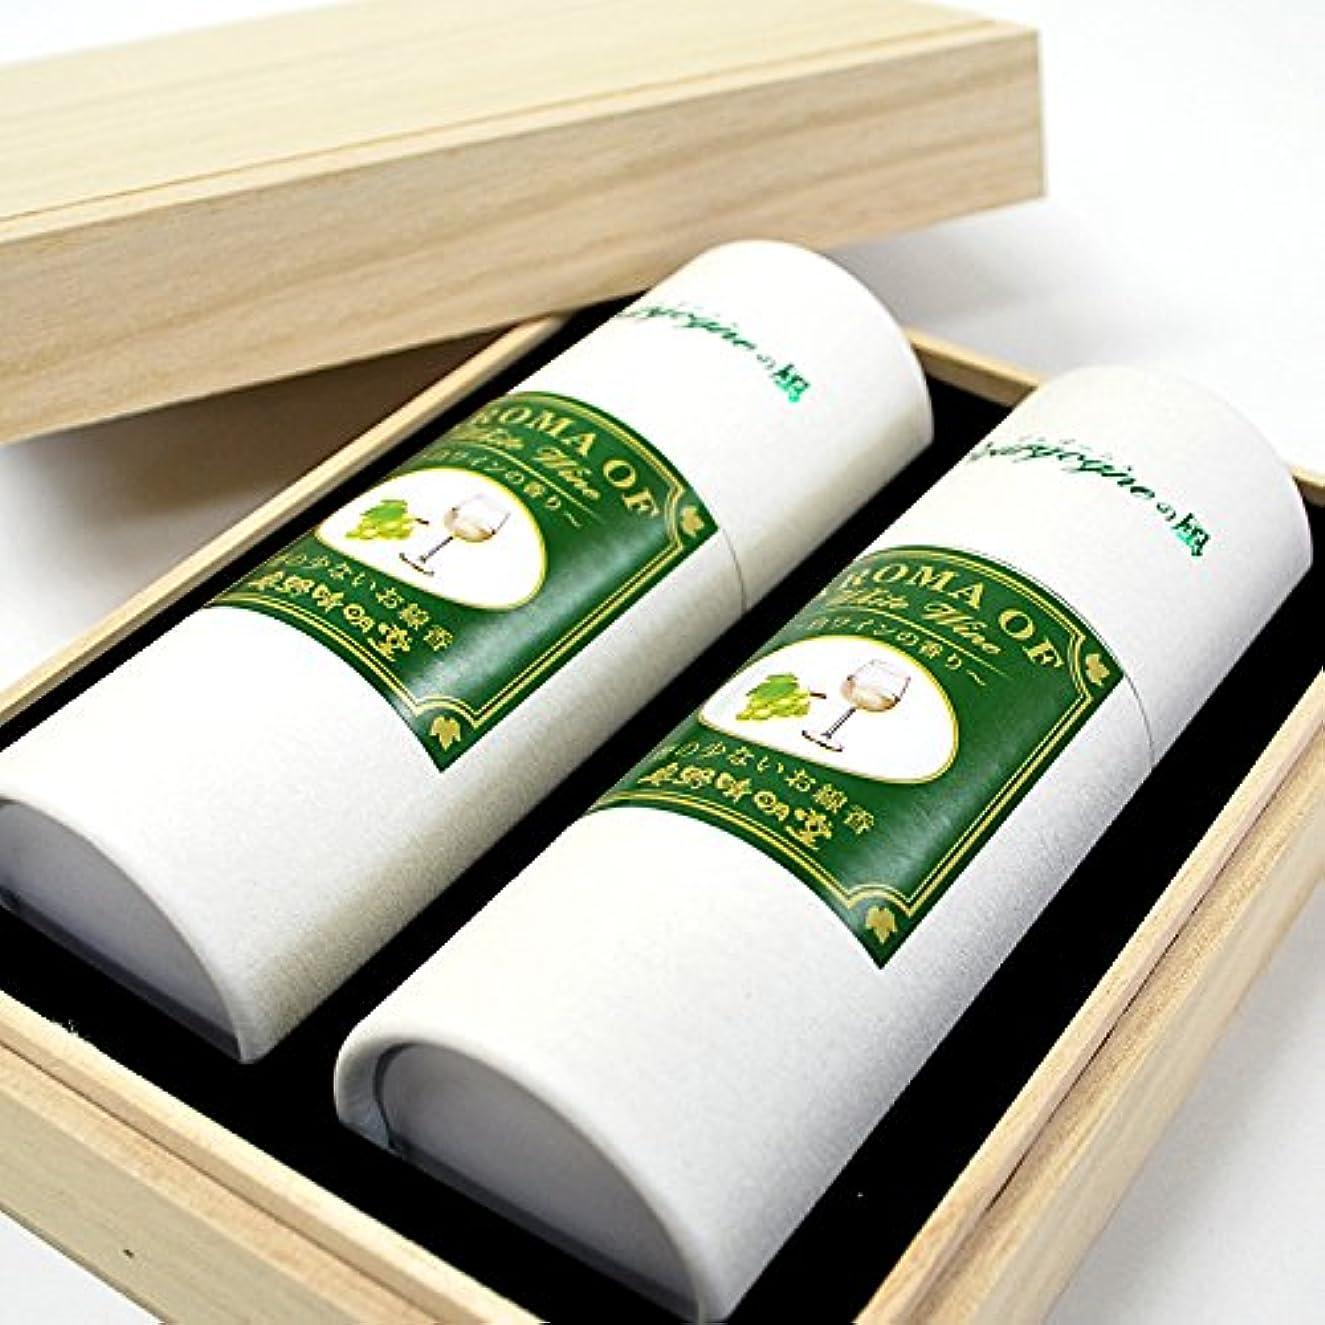 泣く準備するパキスタンワインの香りのお線香 奥野晴明堂 Bourgogne(ブルゴーニュ)の風 白ワインの香り 桐箱2本入り 28-5 微煙タイプ